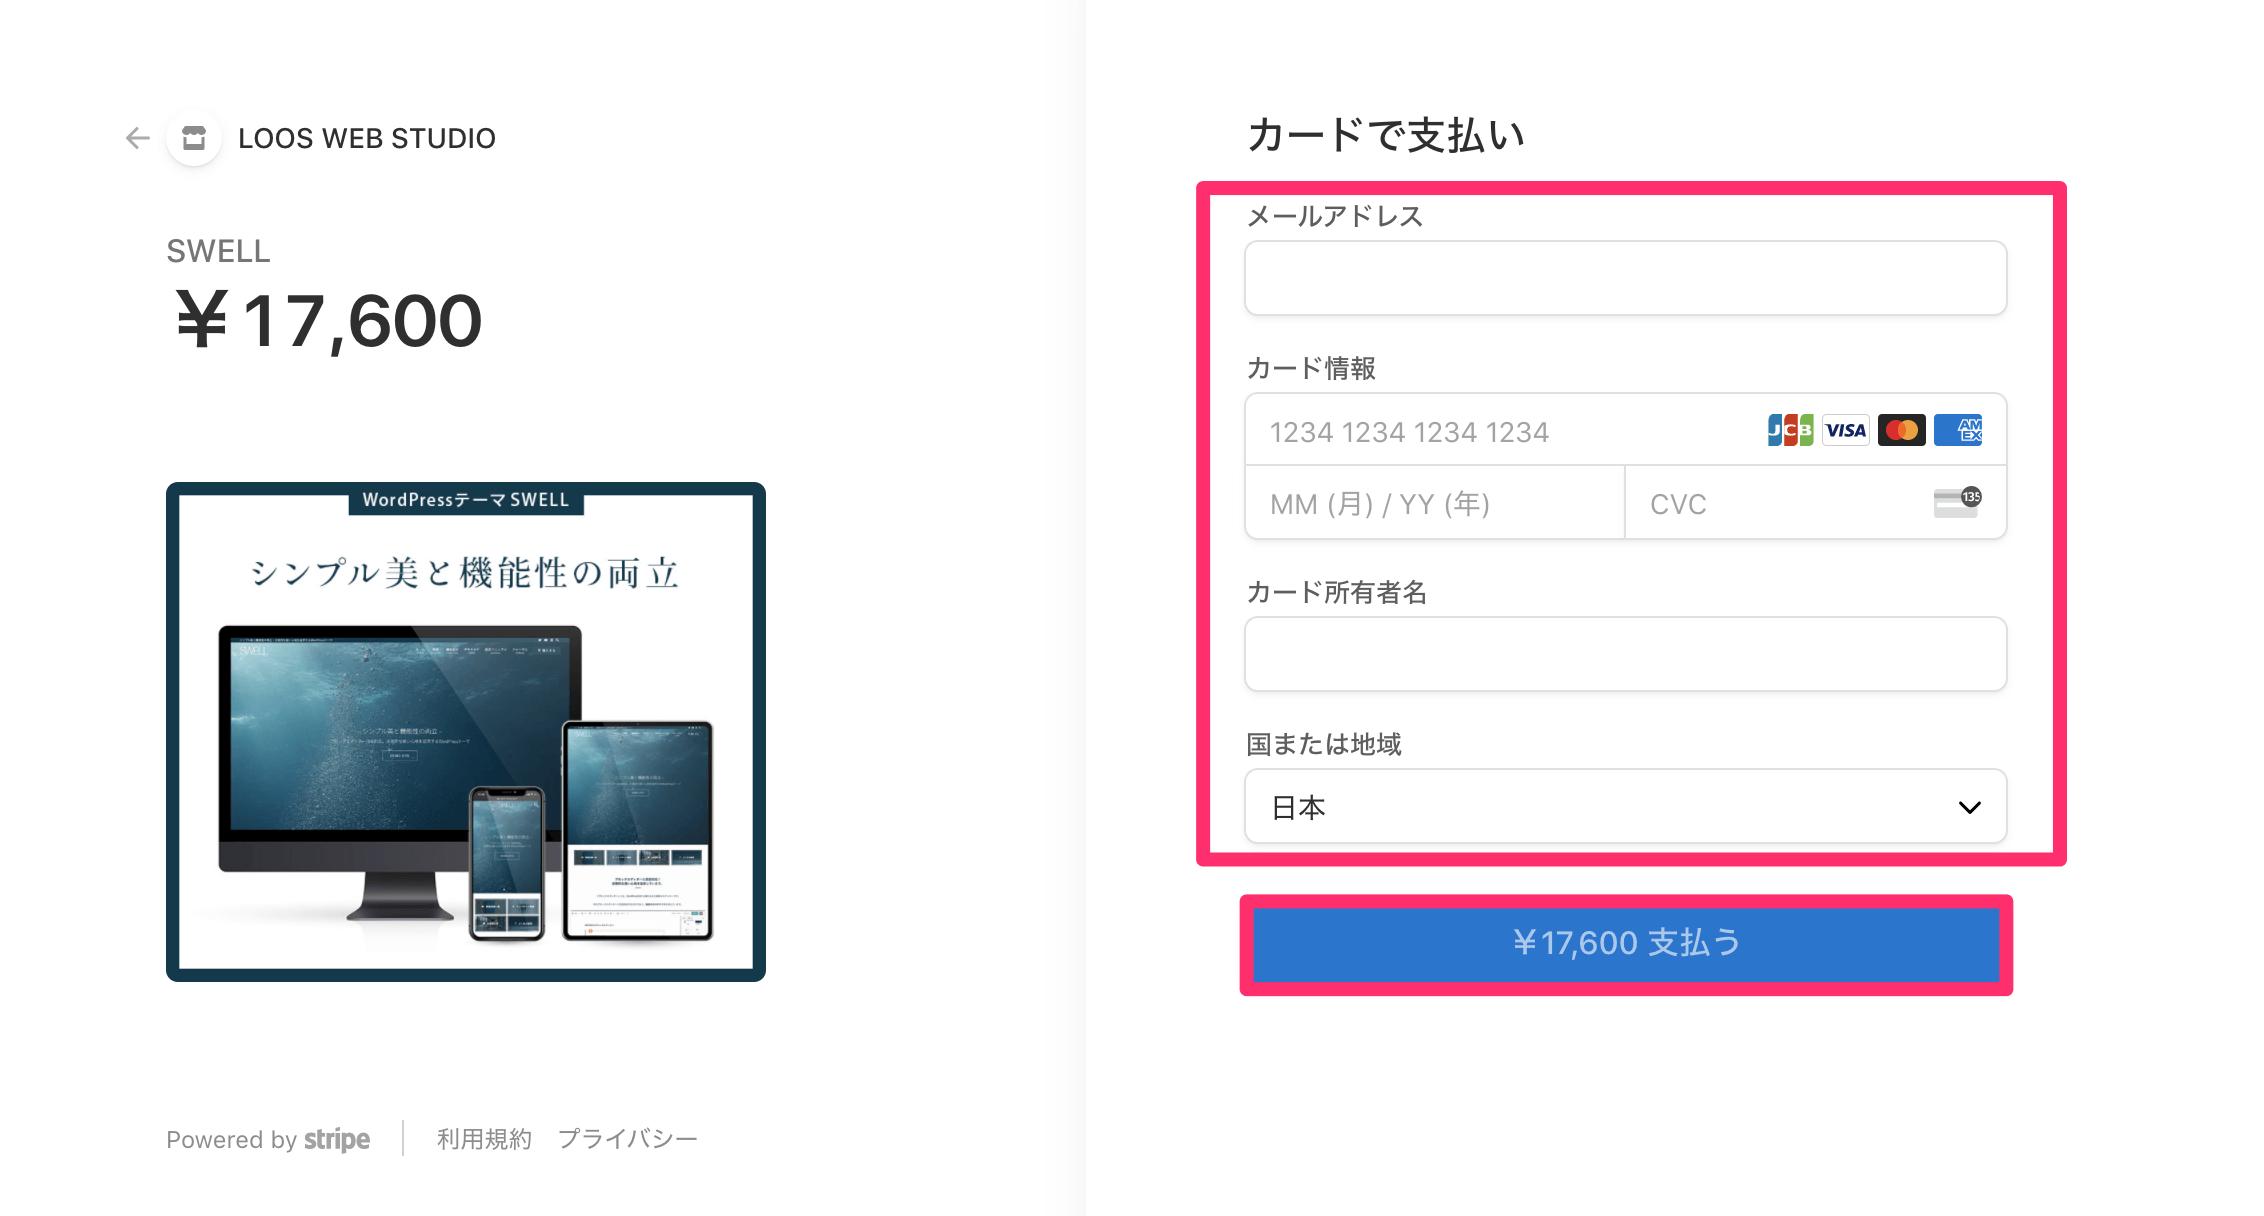 ¥17,600円を支払う